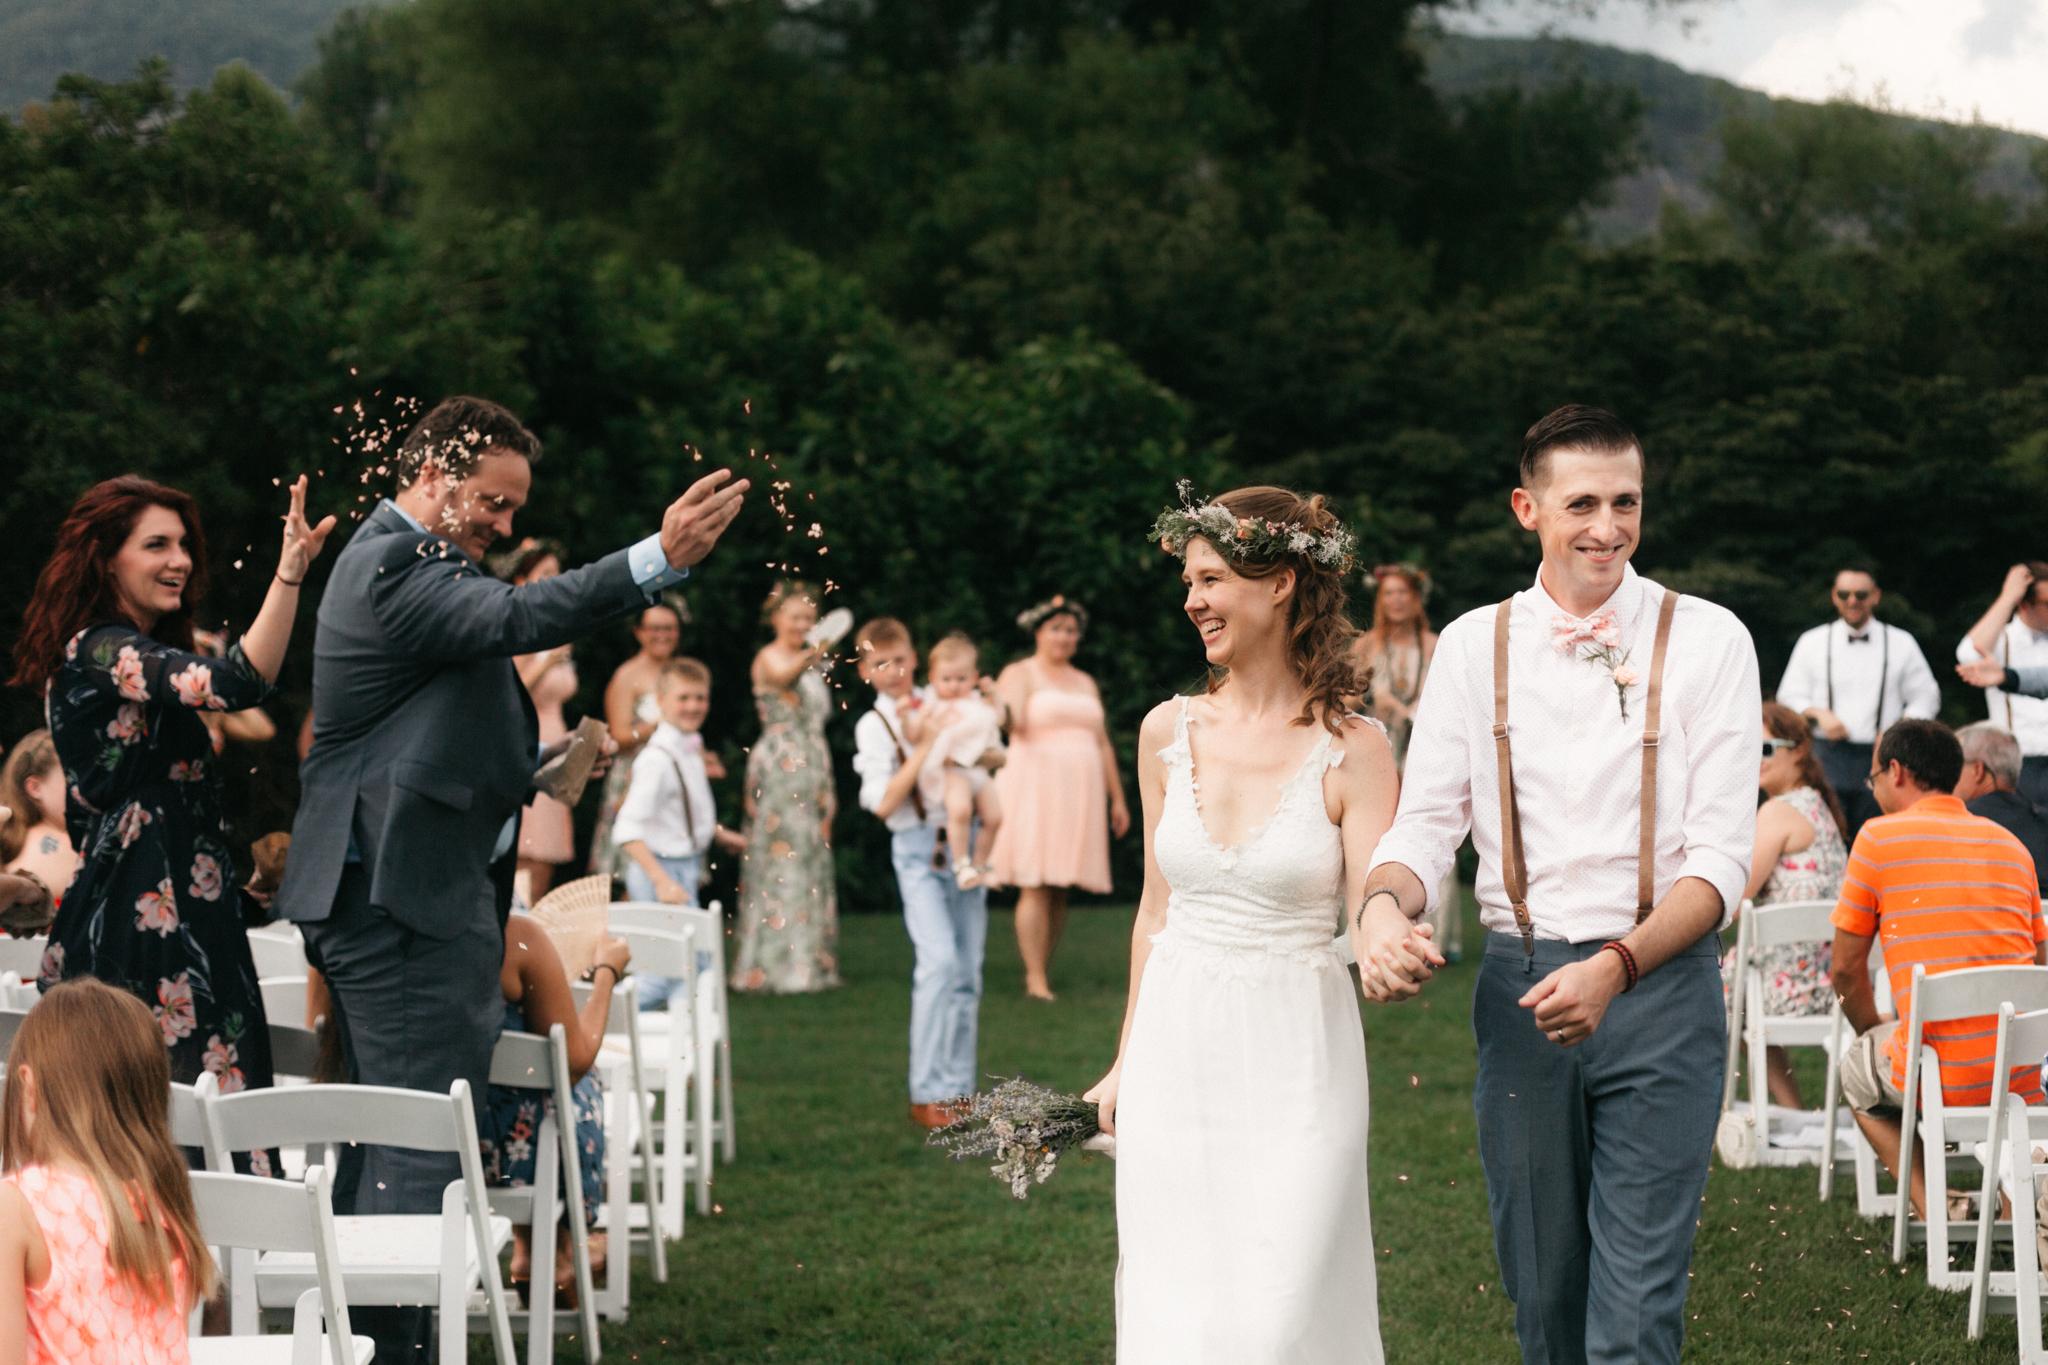 Lake_Lure_Wedding-12.jpg